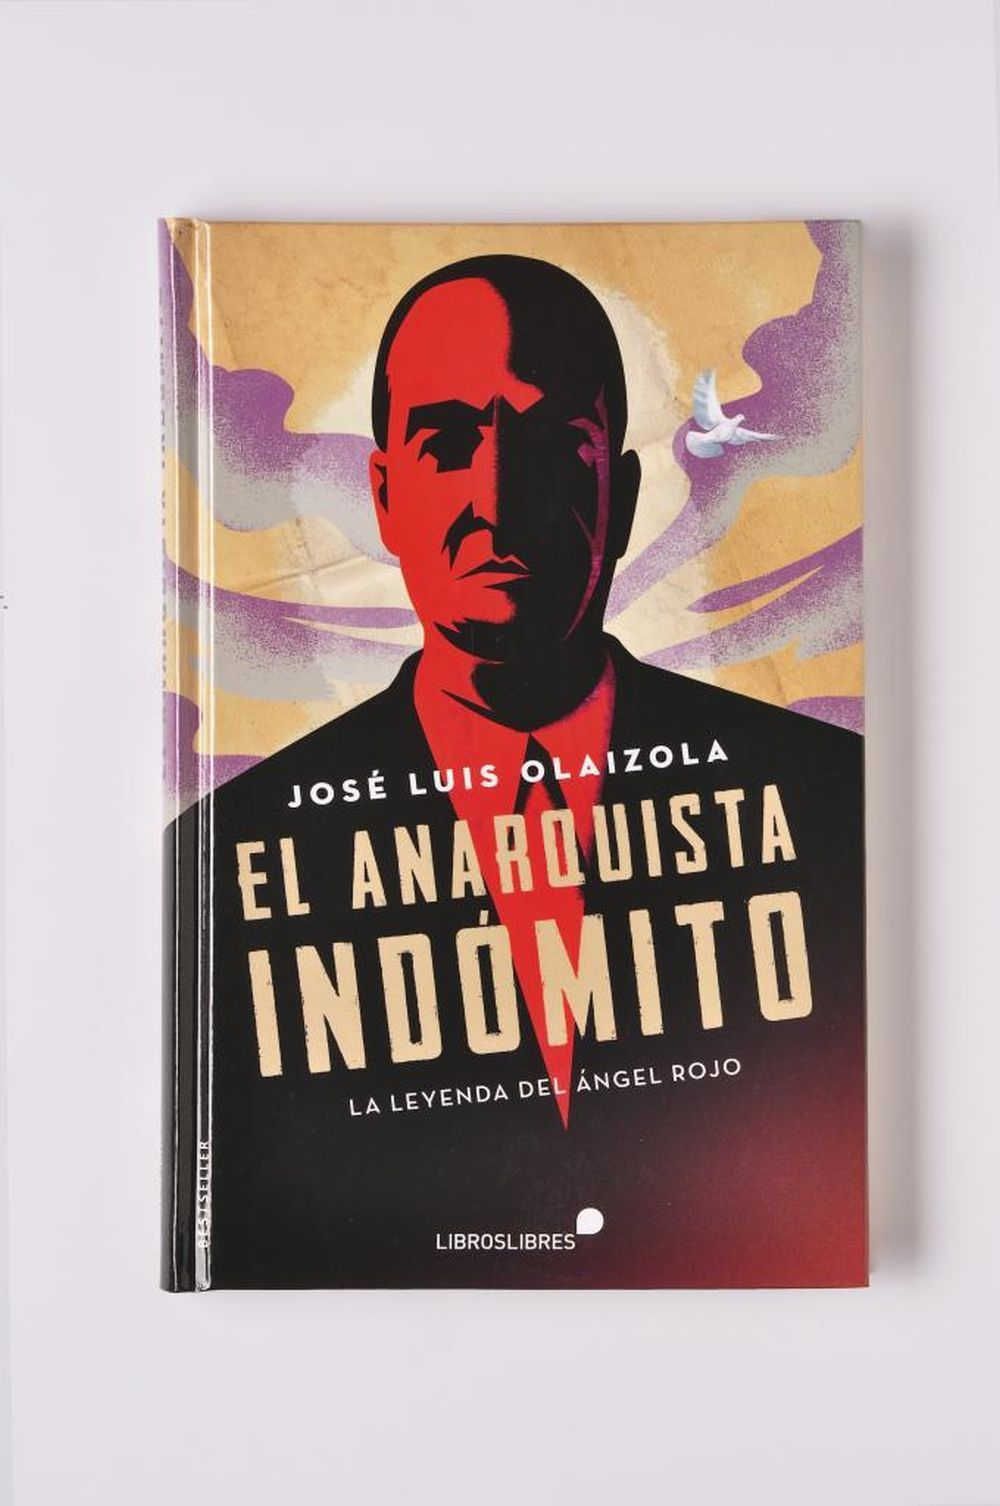 'El anarquista indómito', José Luis Olaizola